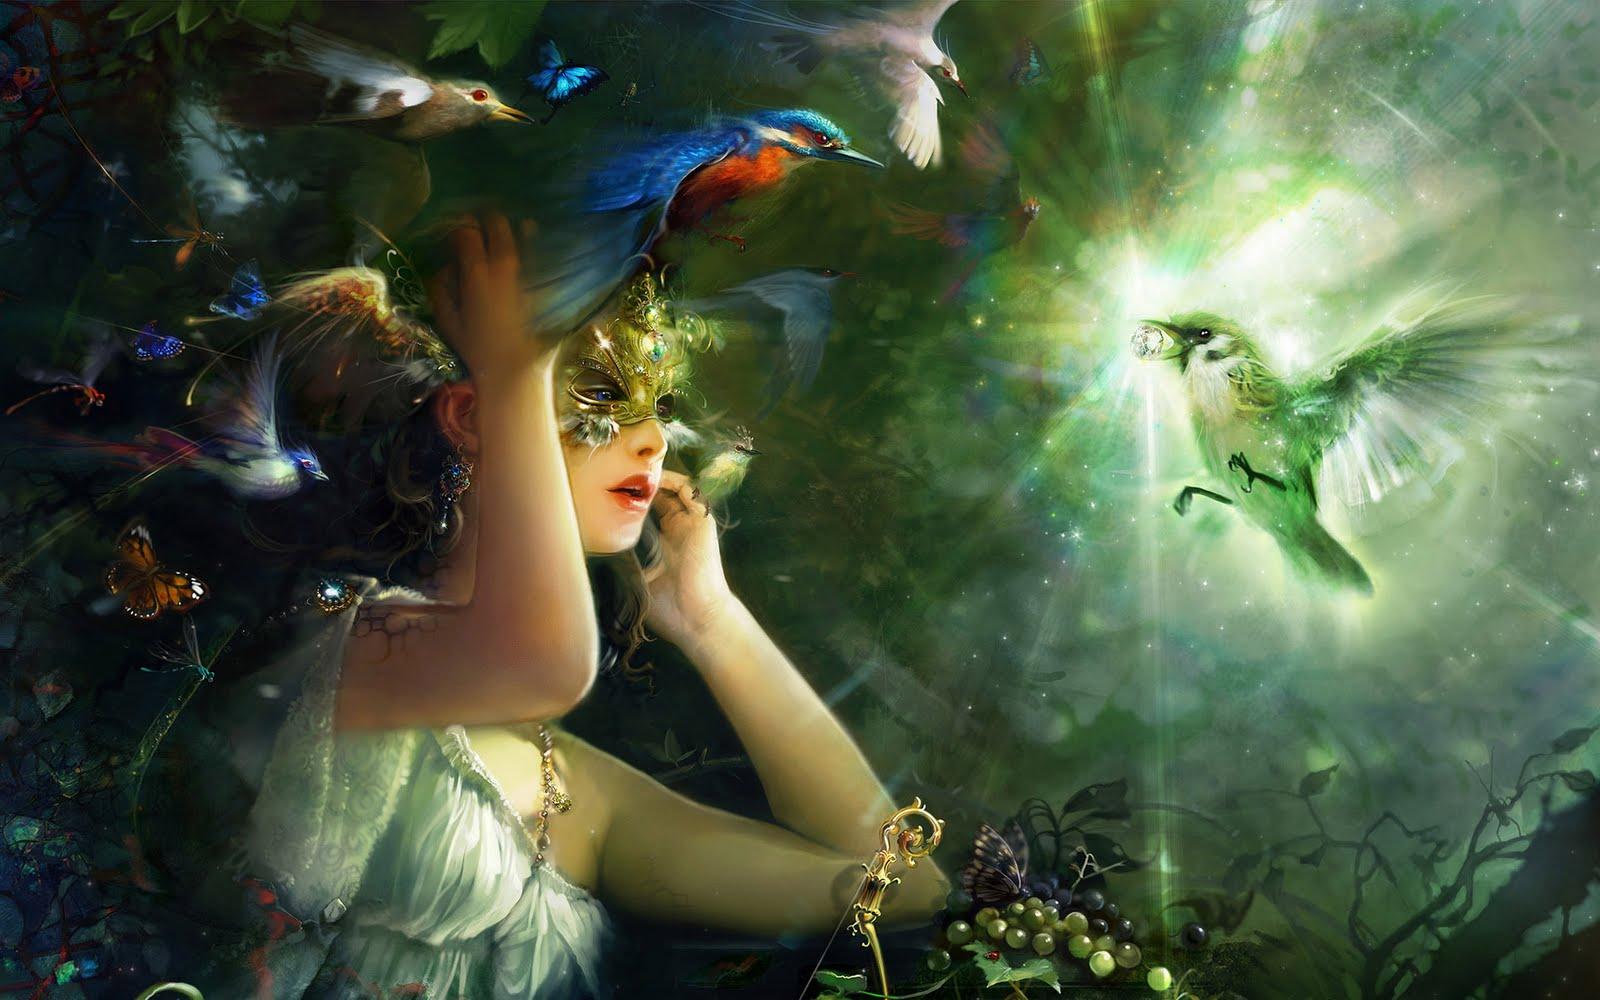 http://2.bp.blogspot.com/_D6V8KS70KD8/TKbqZ5KatbI/AAAAAAAACv8/nZI_zkMLeOY/s1600/Fairy_Tales_Bird_of_Happiness.jpg